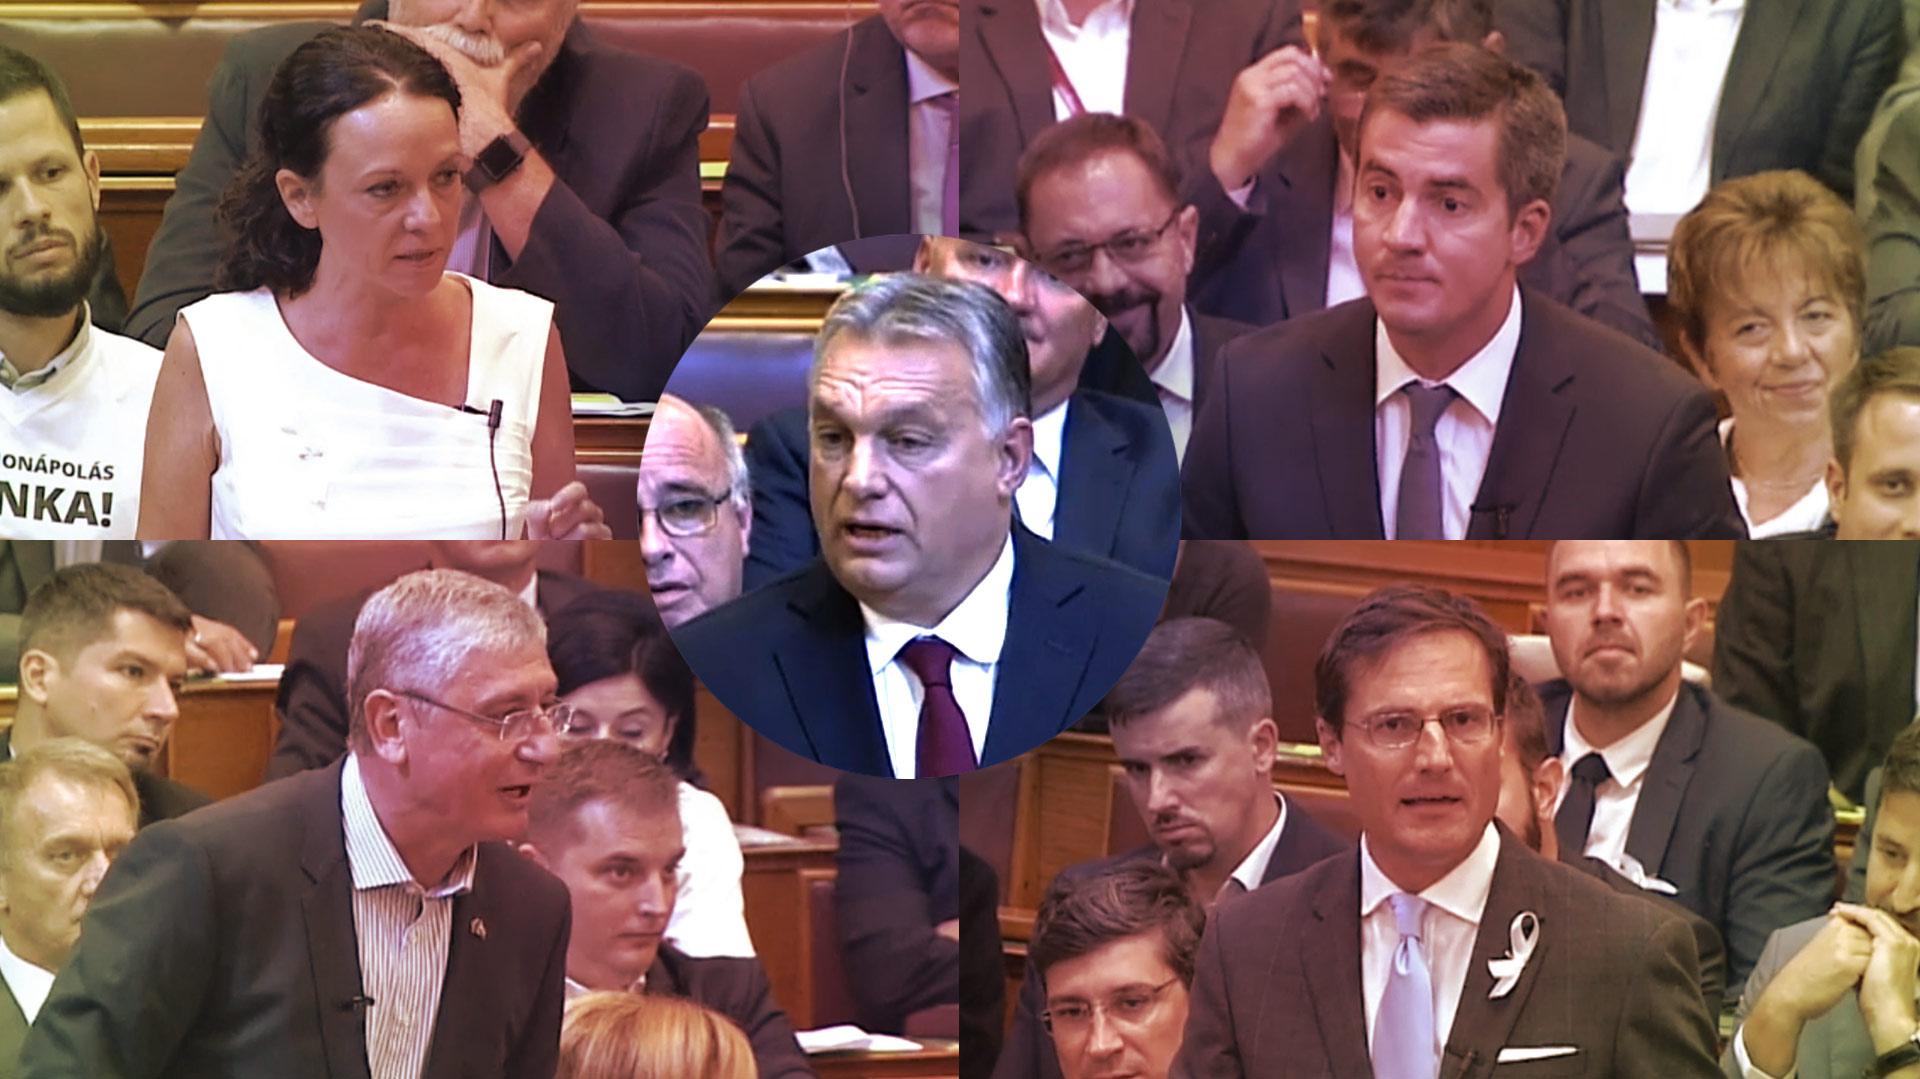 Tudathasadásos! Részeg! Áruló! - A Sargentini-jelentés árnyékában kezdődött a munka a Parlamentben